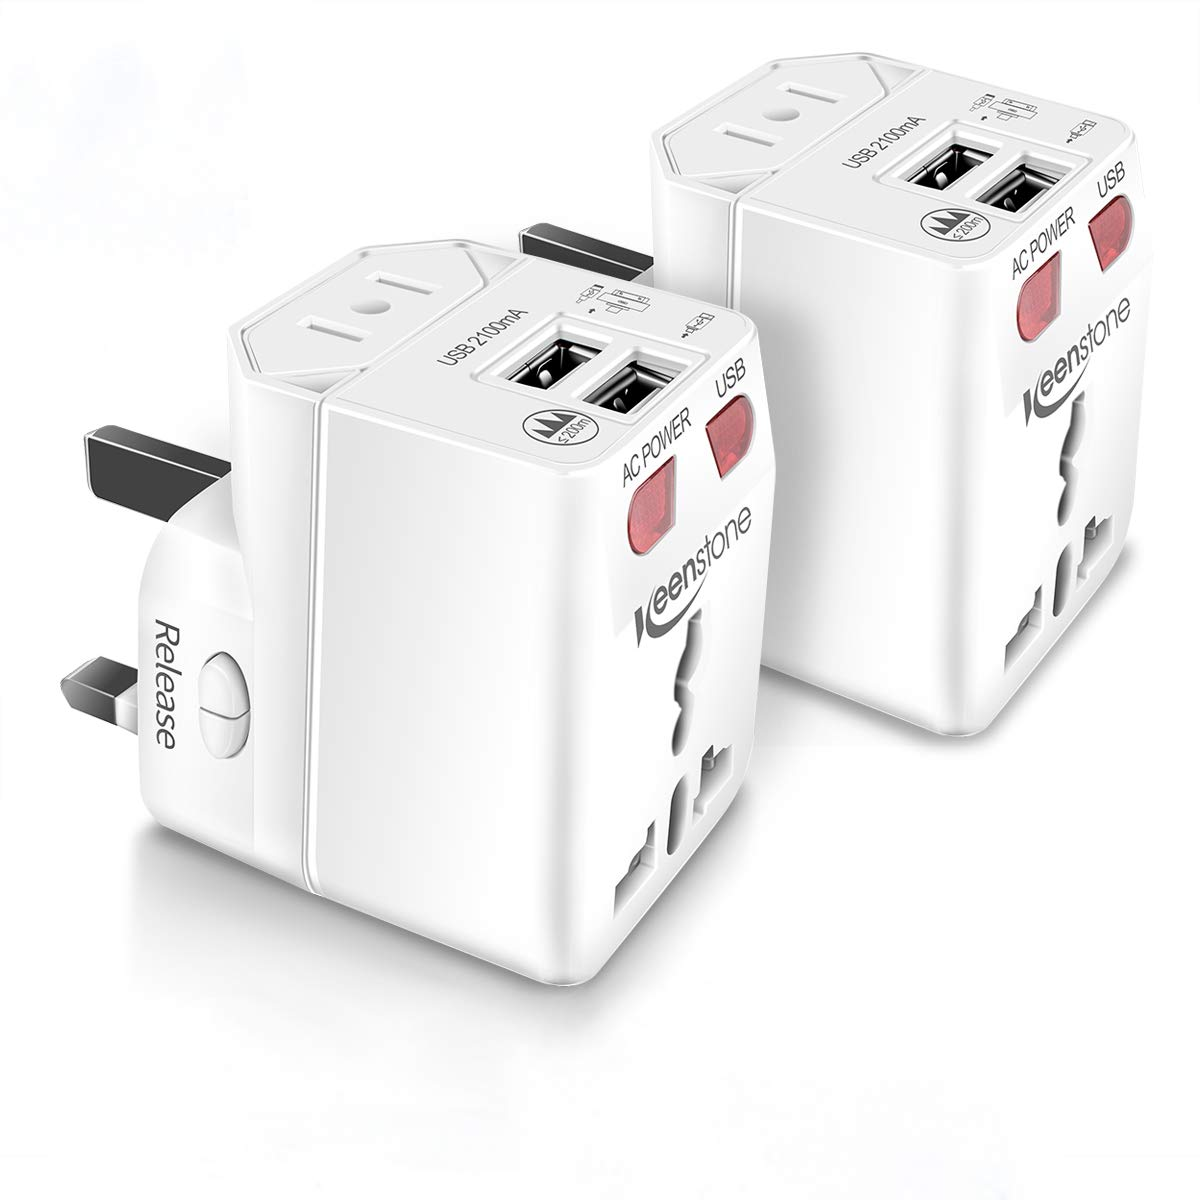 Universal Reiseadapter Weltweit 2 Pack - Keenstone International Stecker-Adapter mit Dual USB Port Sicherheit Universal Ladegerät Einsetzbar für US/UK/EU/AU LED-Betriebsanzeige